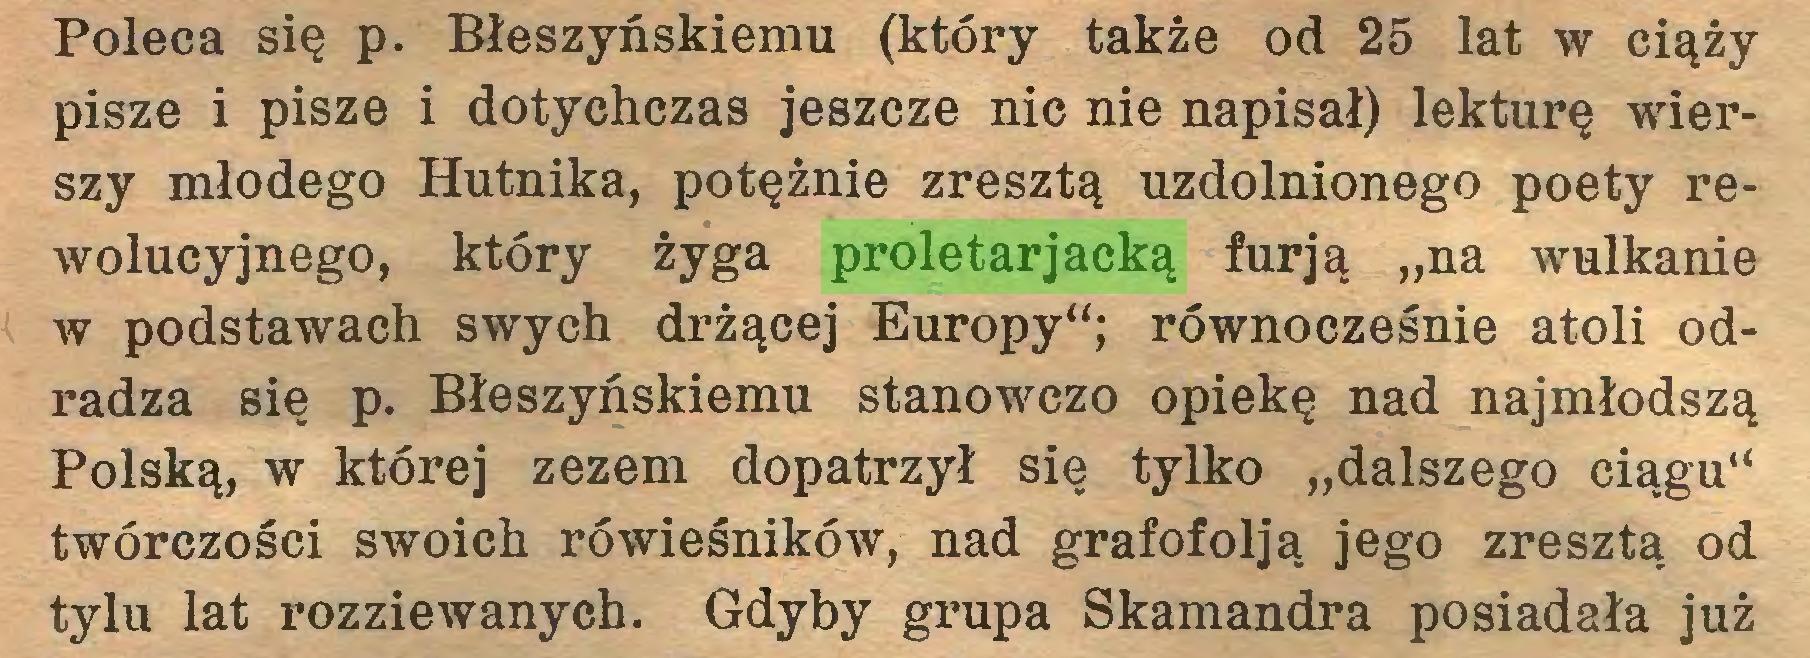 """(...) Poleca się p. Błeszyńskiemu (który także od 25 lat w ciąży pisze i pisze i dotychczas jeszcze nic nie napisał) lekturę wierszy młodego Hutnika, potężnie zresztą uzdolnionego poety rewolucyjnego, który żyga proletarjacką furją """"na wulkanie w podstawach swych drżącej Europy""""; równocześnie atoli odradza się p. Błeszyńskiemu stanowczo opiekę nad najmłodszą Polską, w której zezem dopatrzył się tylko """"dalszego ciągu"""" twórczości swoich rówieśników, nad grafofolją jego zresztą od tylu lat rozziewanych. Gdyby grupa Skamandra posiadała już..."""